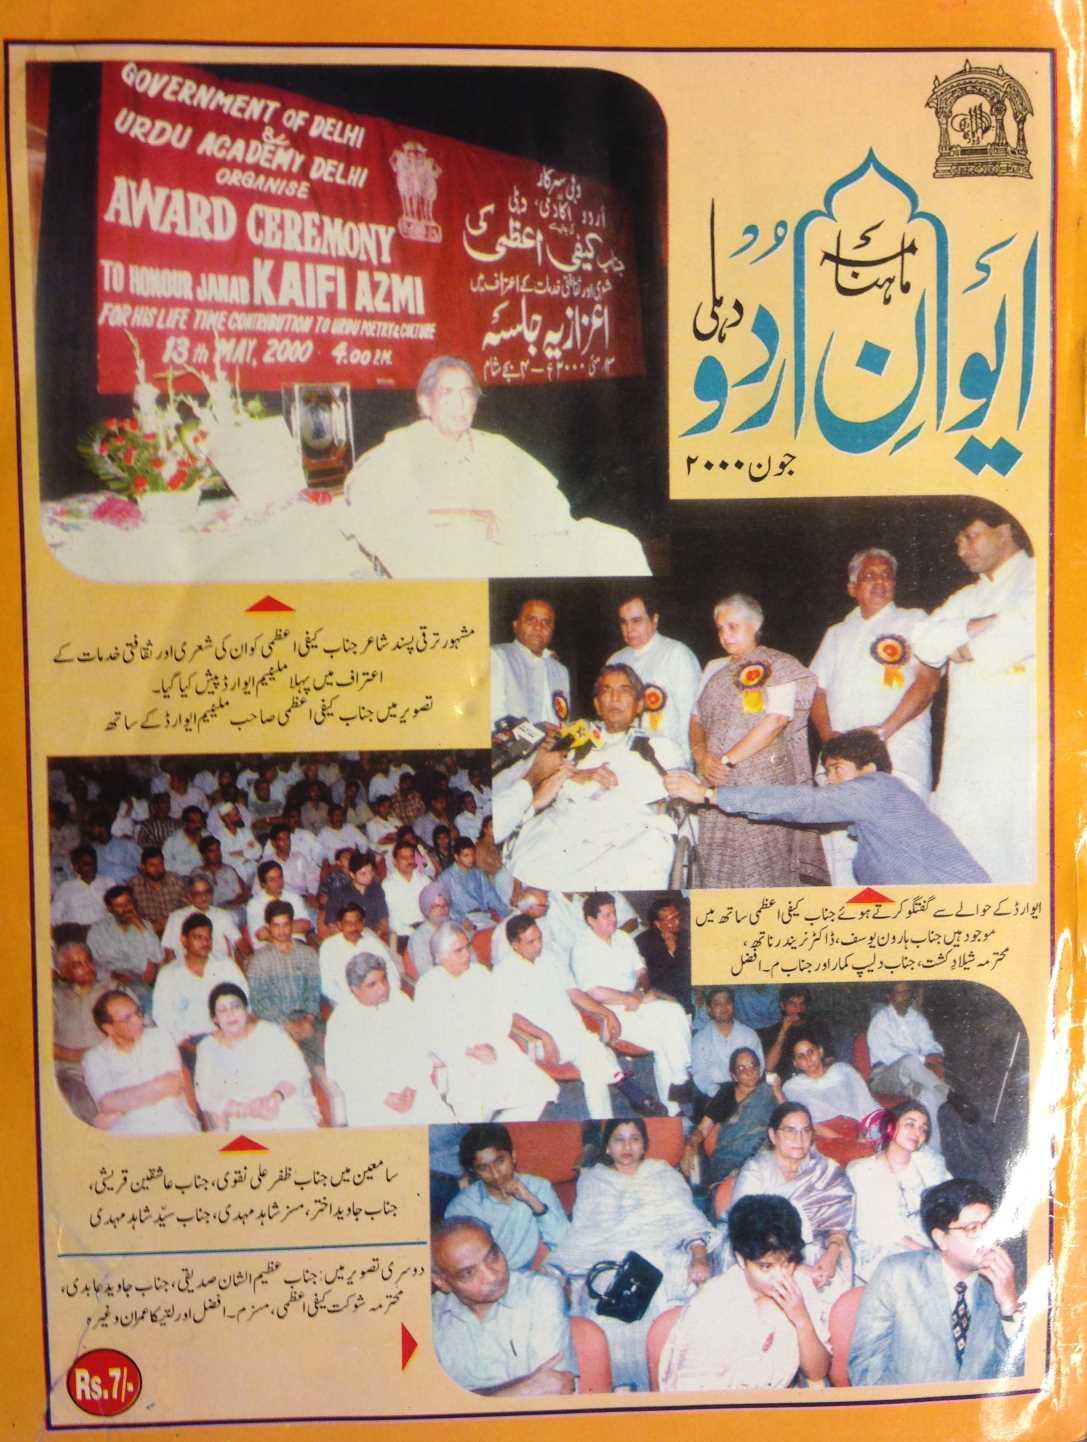 Award Ceremoney Aiwaan-e-Urdu - New Delhi - 2000